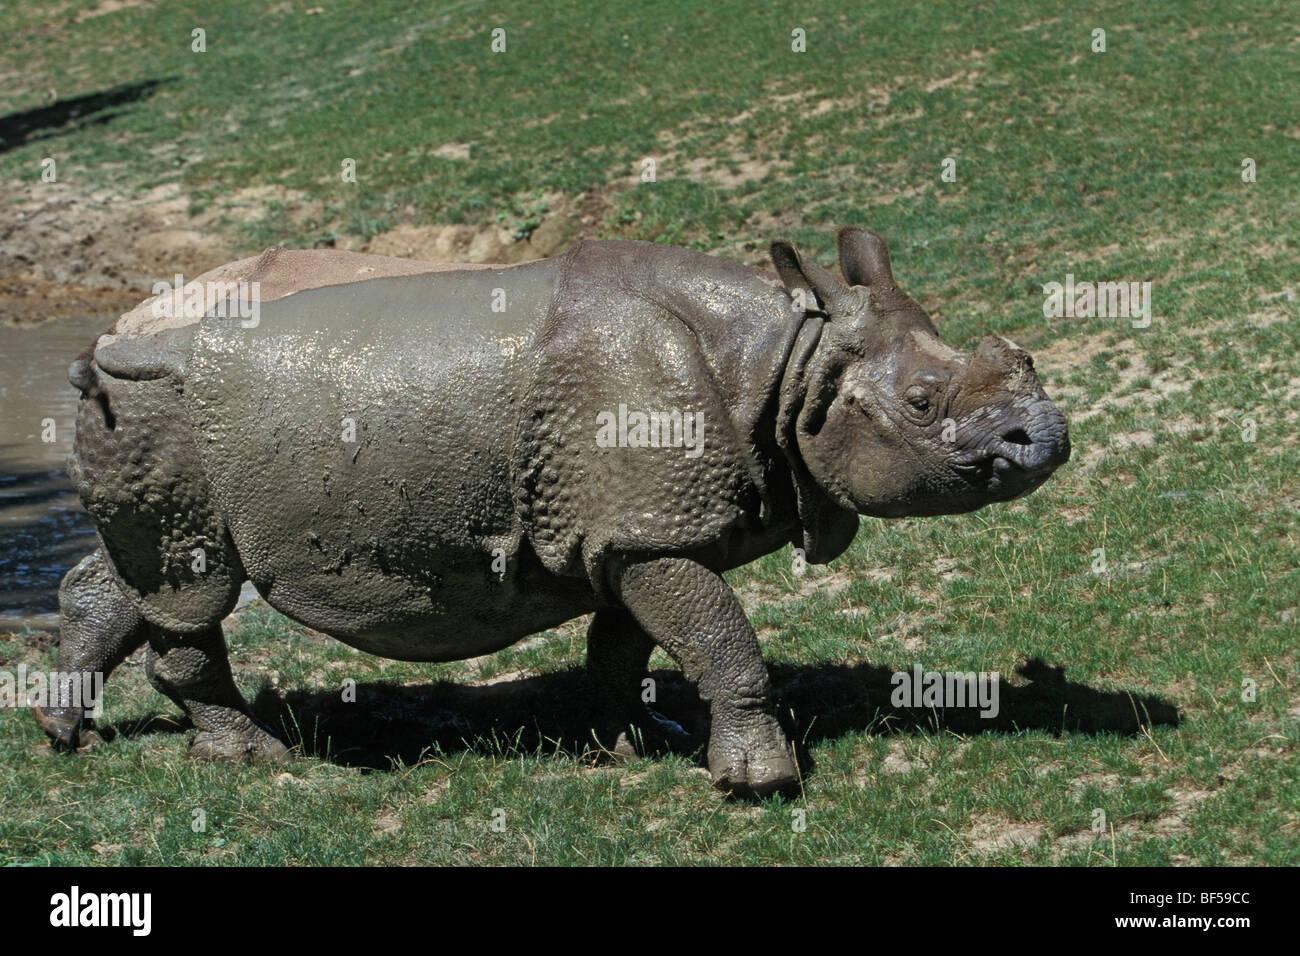 Große indische Nashorn (Rhinoceros Unicornis) nach Einnahme Schlammbad, Gefangenschaft, Indien Stockbild